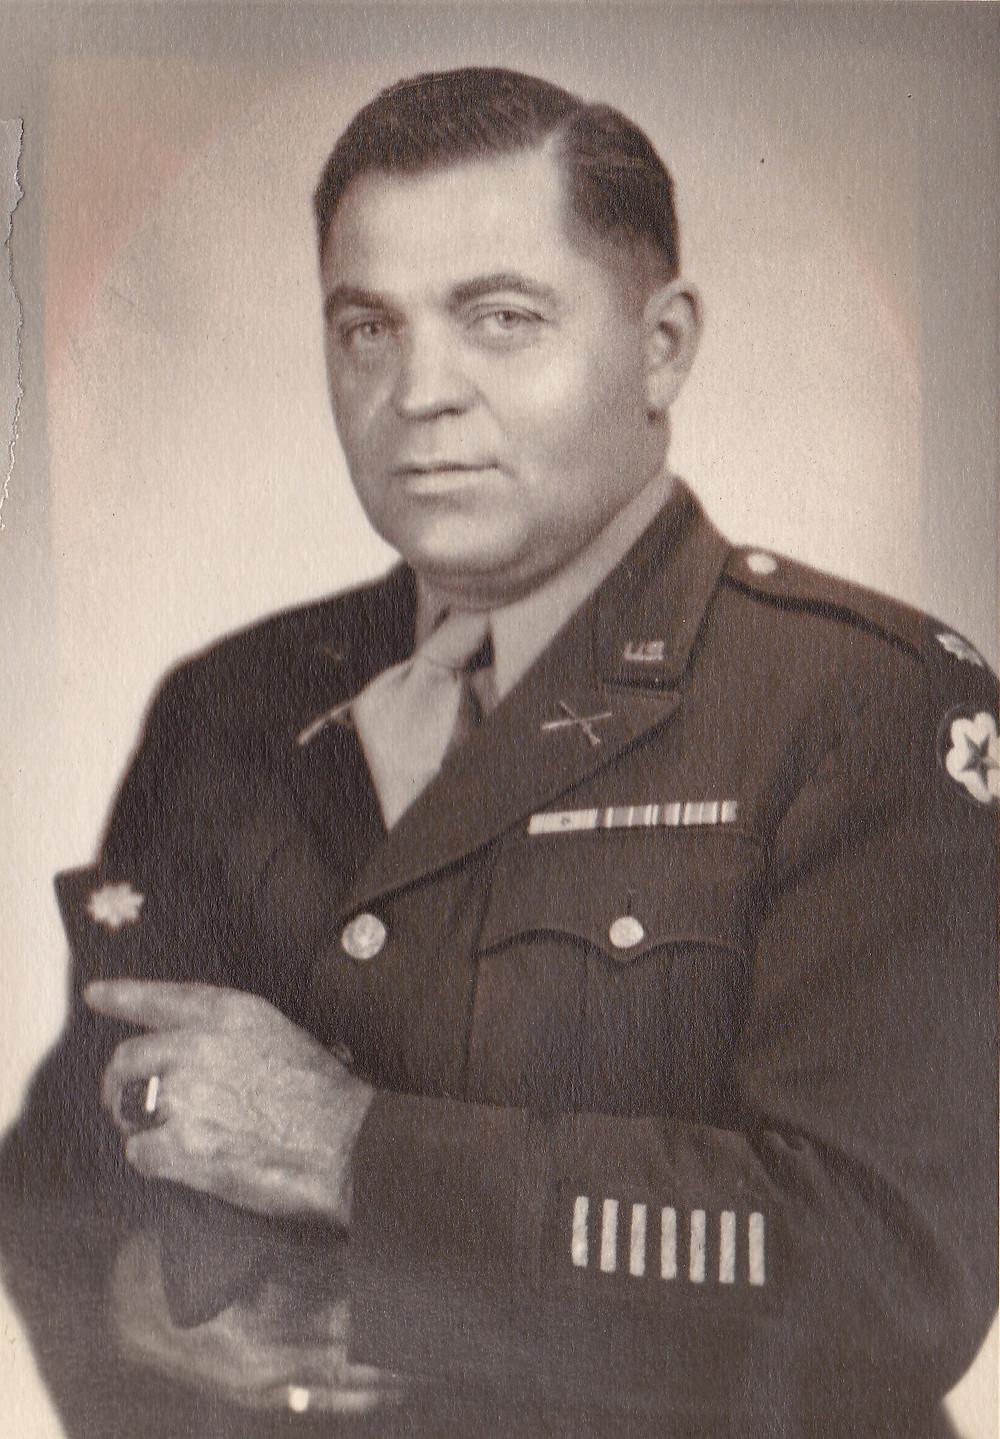 Major Dori Hjalmarson US Army